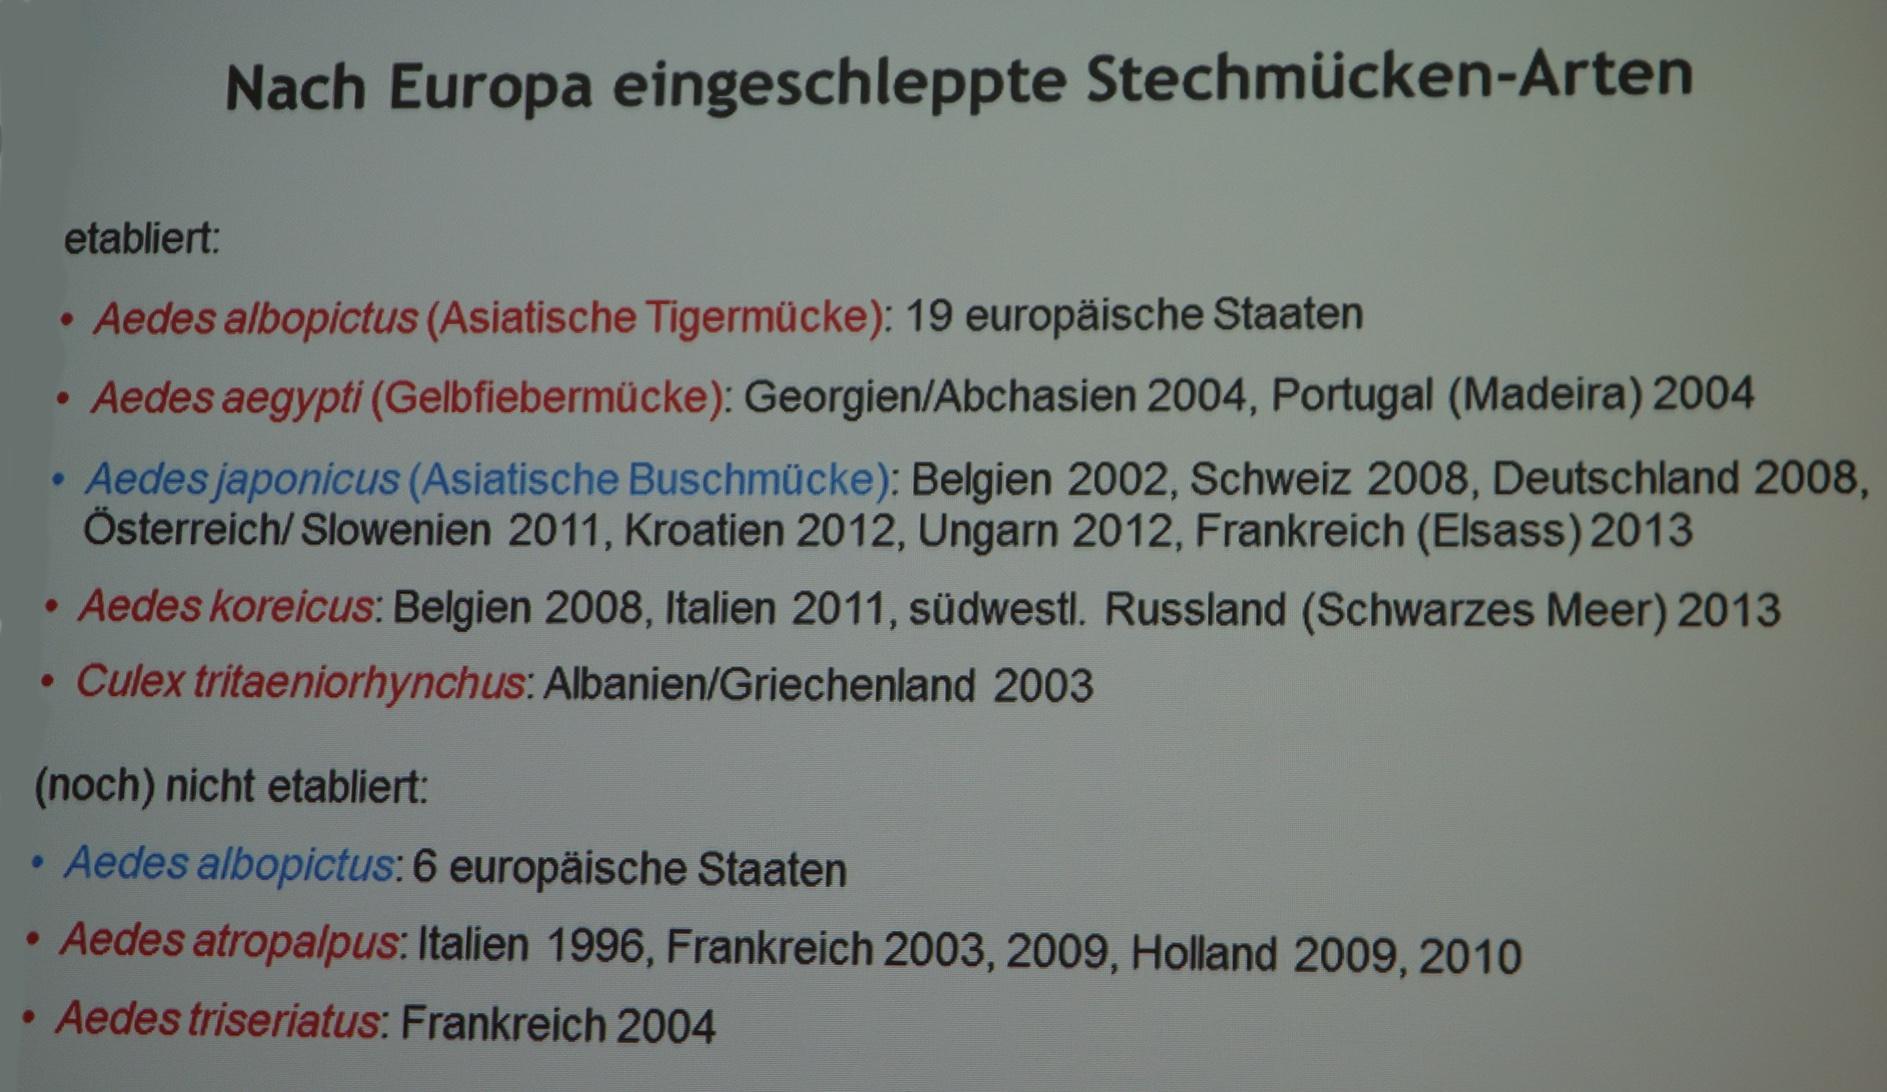 """Eine ganze Reihe """"exotischer"""" Mückenarten sind bereits in Europa heimisch. (Tabelle: ©BTK/FLI Mettenleitner)"""